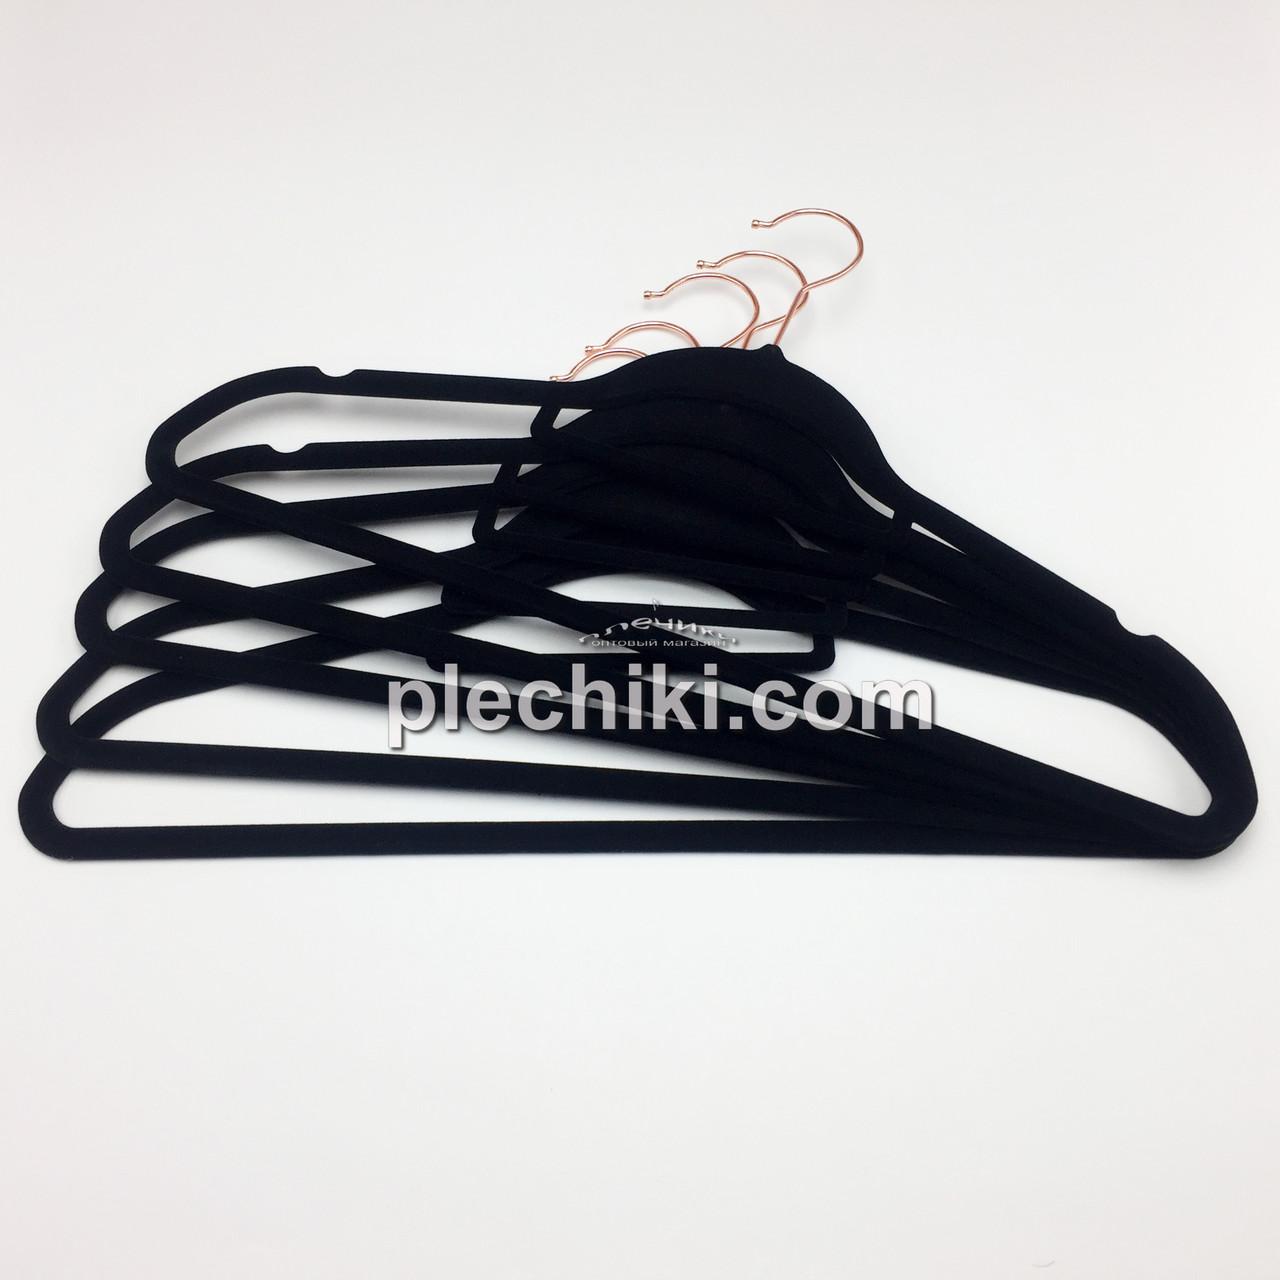 Плічка вішалки 10 шт. флокированные (оксамитові, велюрові) чорного кольору з золотим гачком, довжина 450 мм